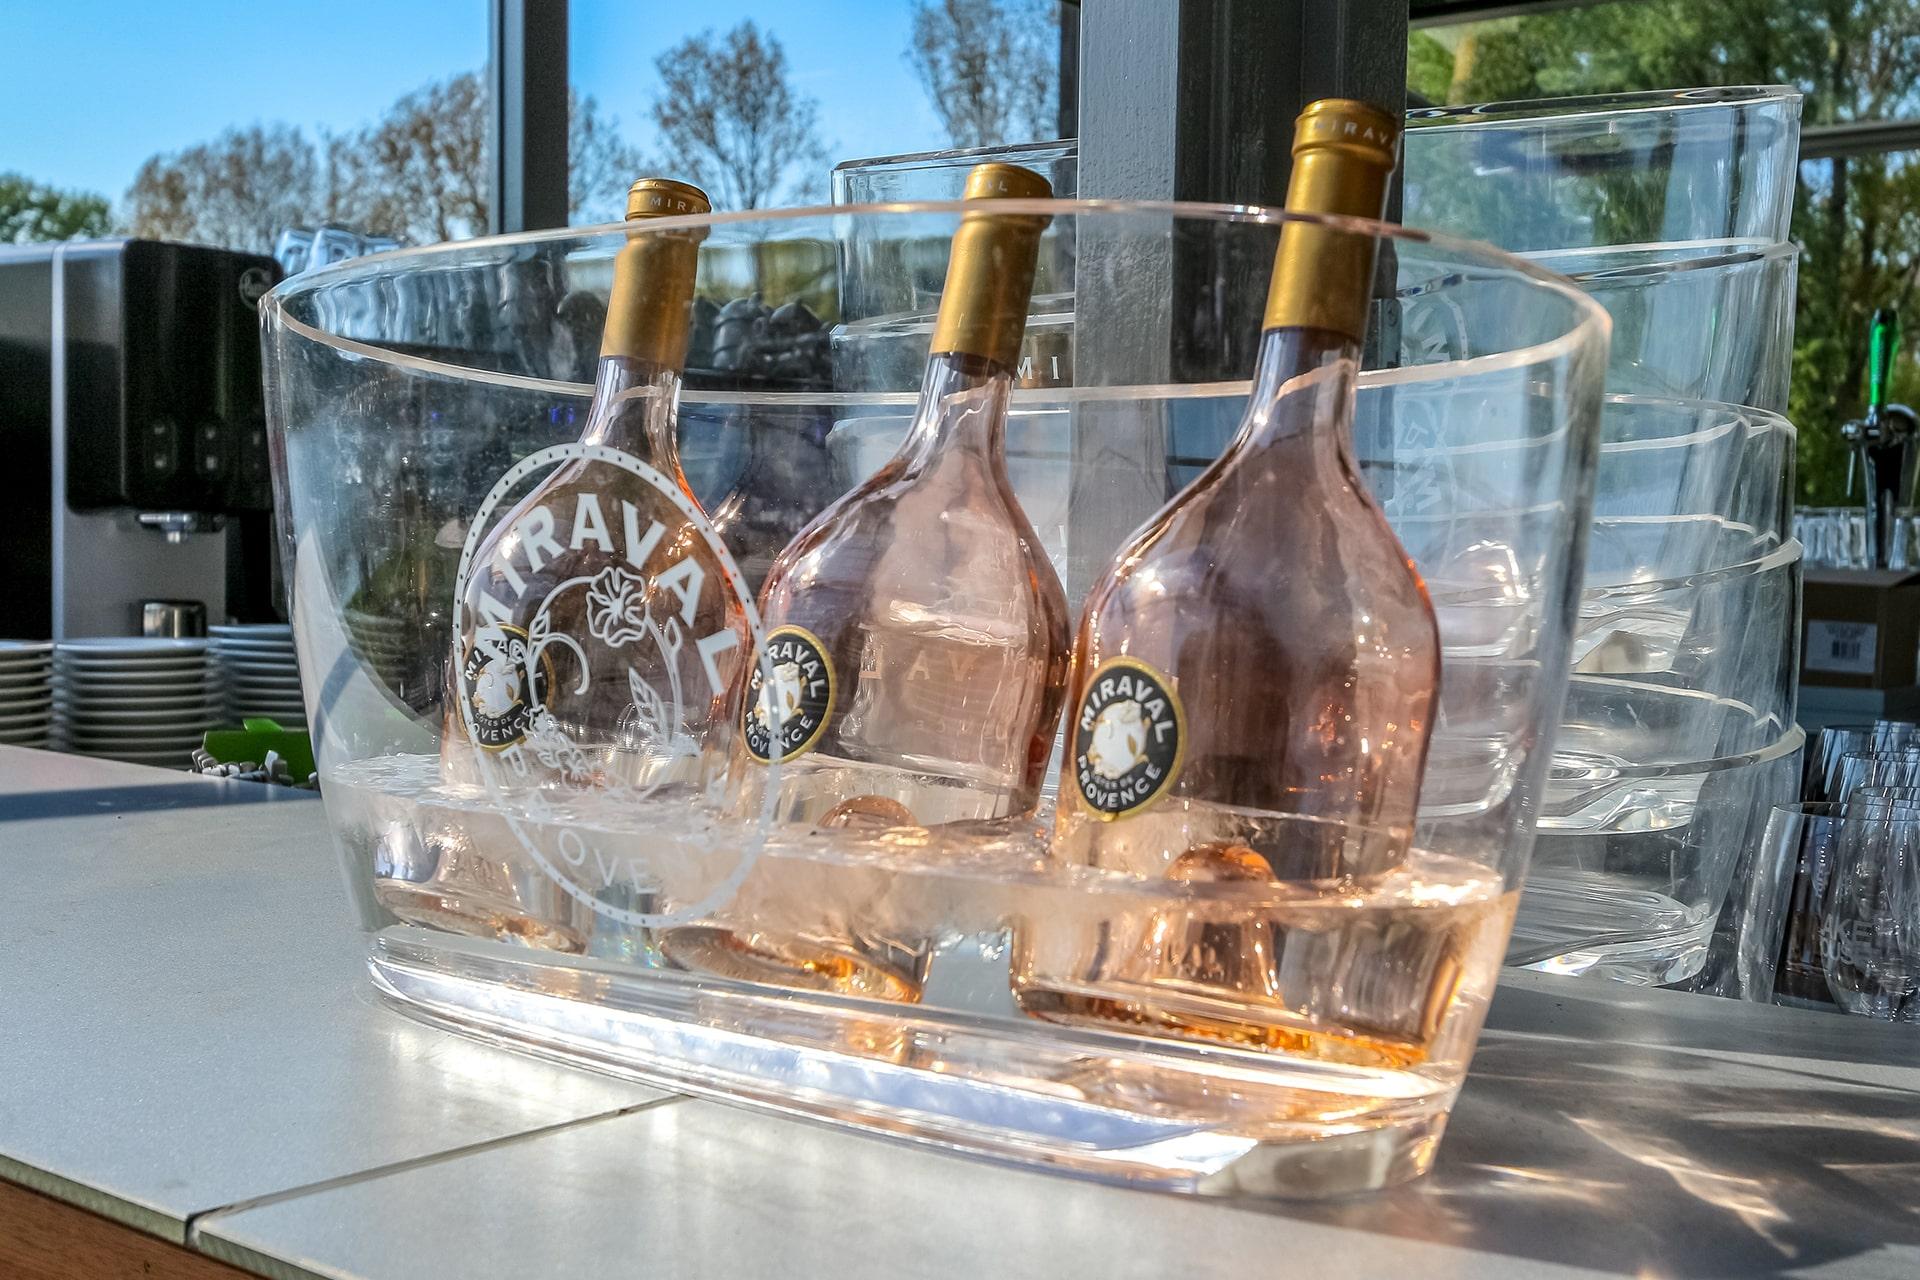 Er gaat niks boven een heerlijke Miraval rosé op een warme zomerdag!